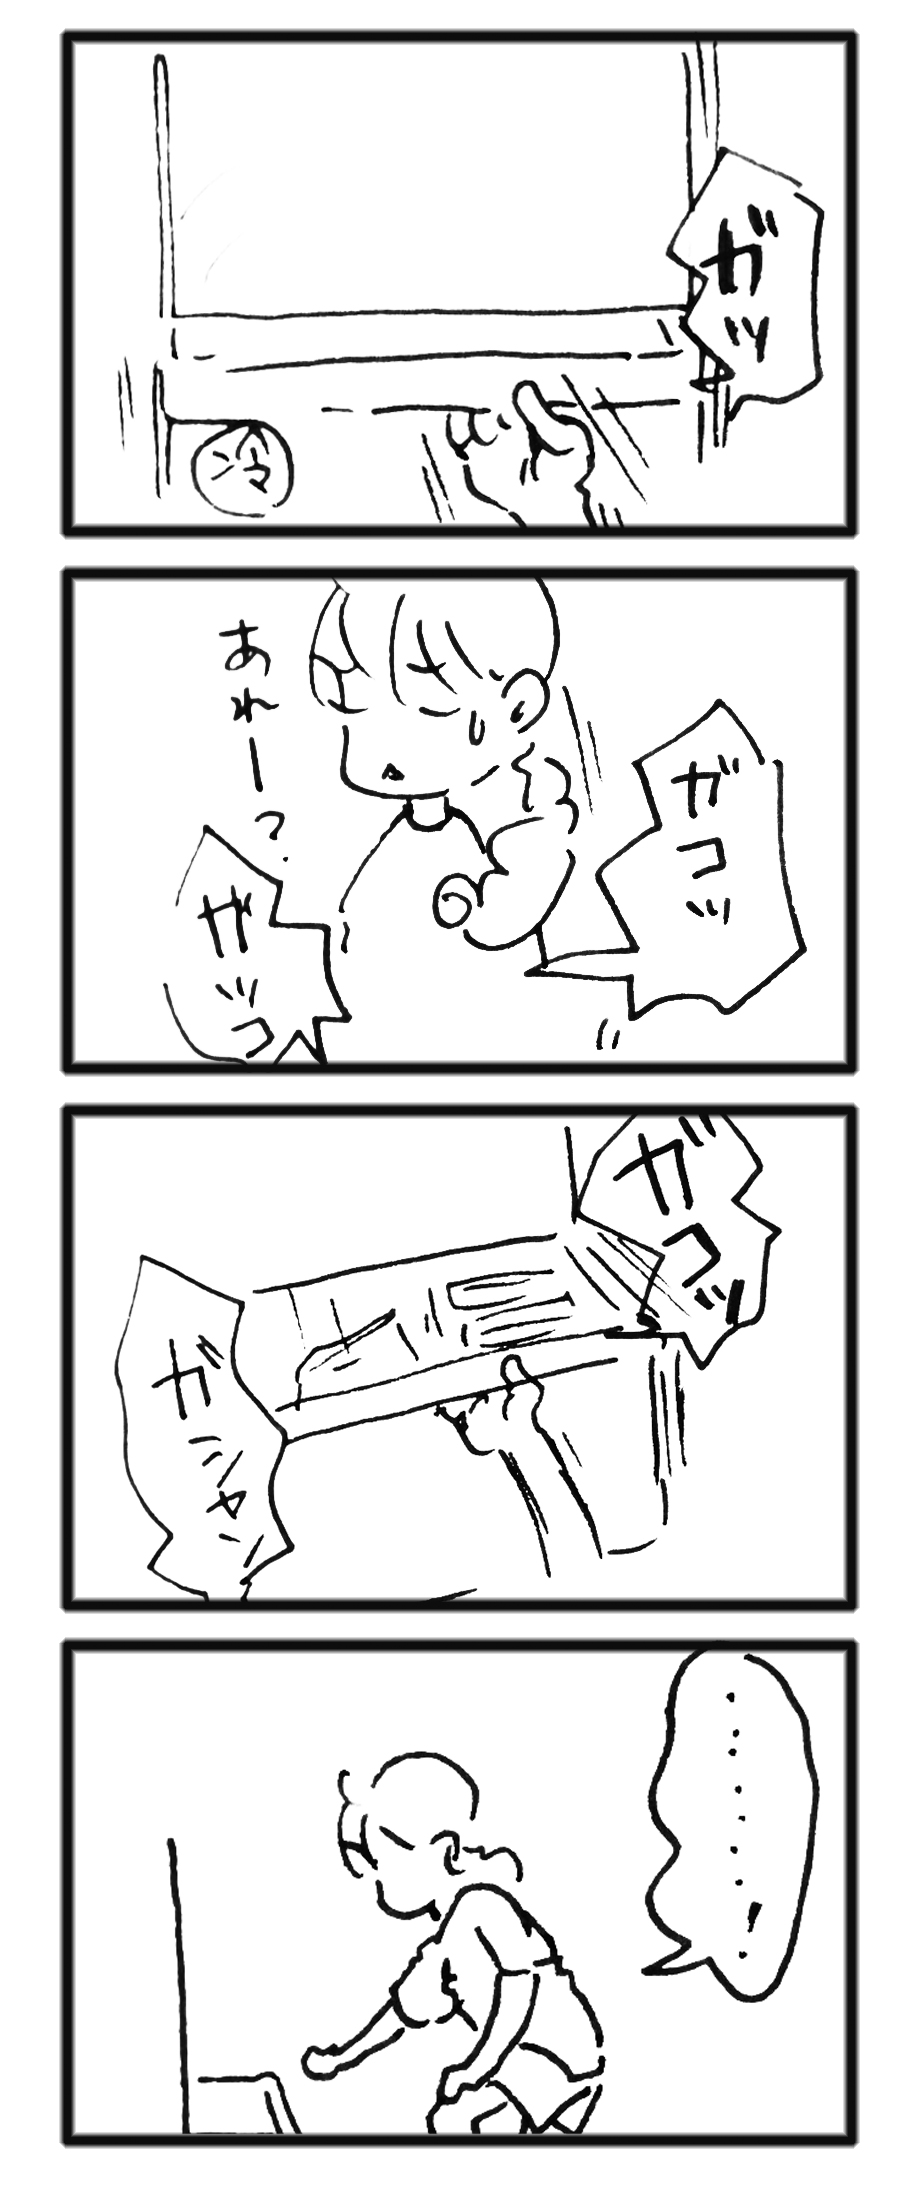 comic_2013072404.jpg